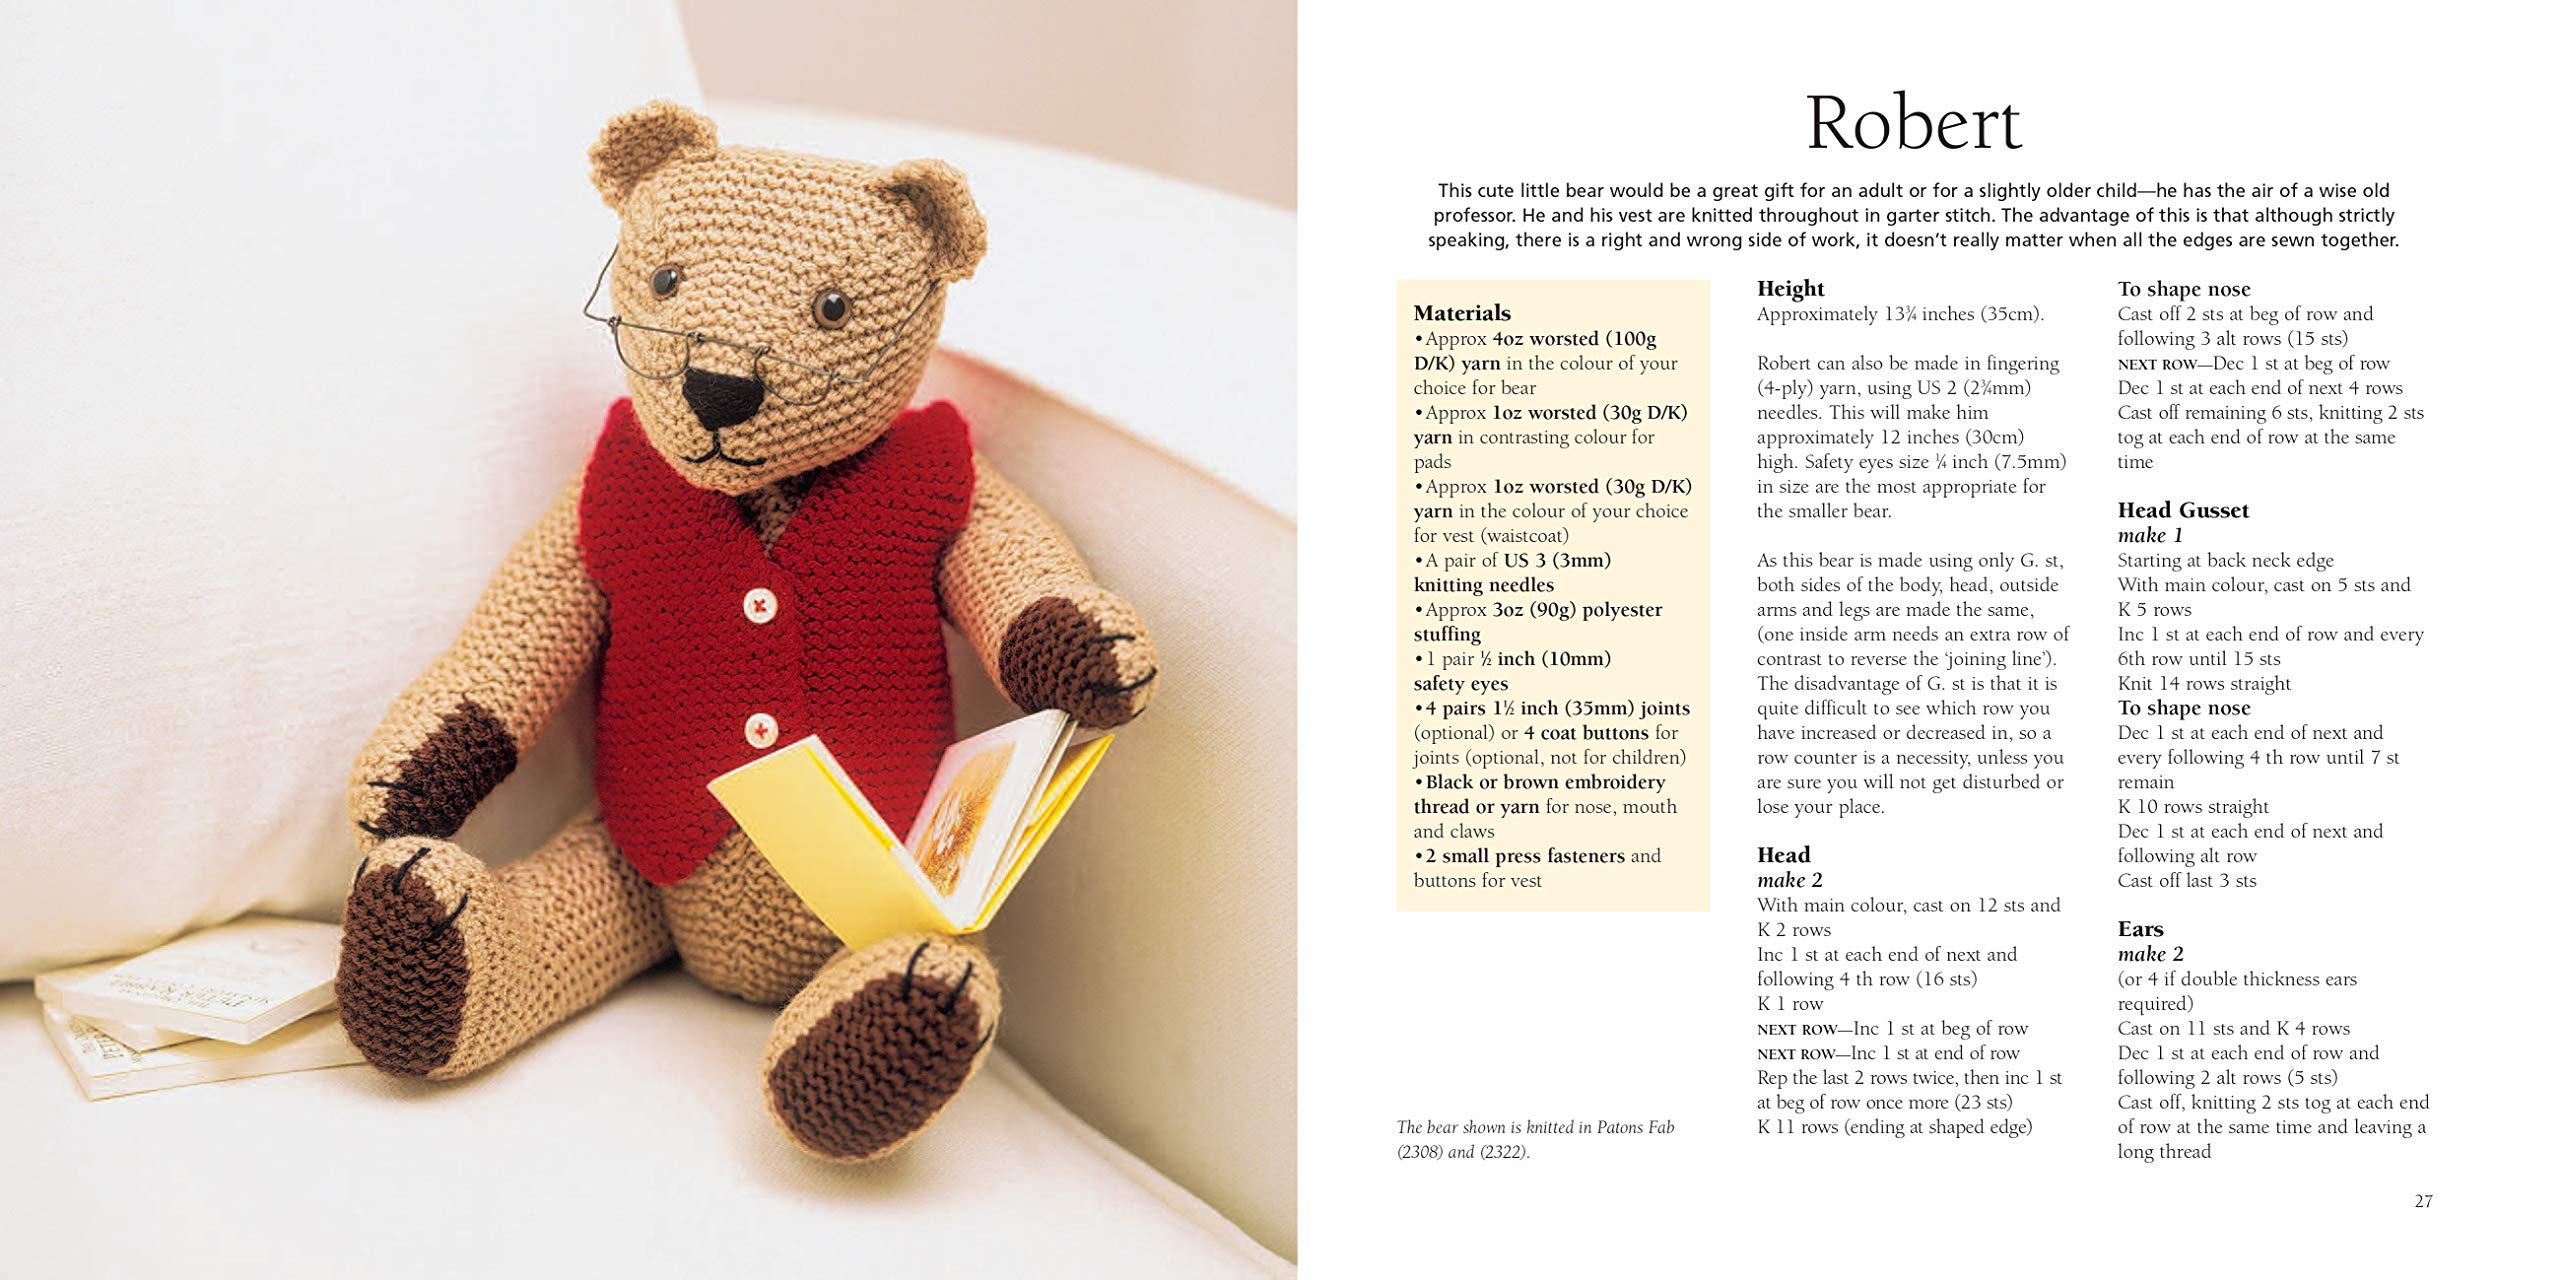 34 Crochet Teddy Bear Patterns | Guide Patterns | 1280x2560